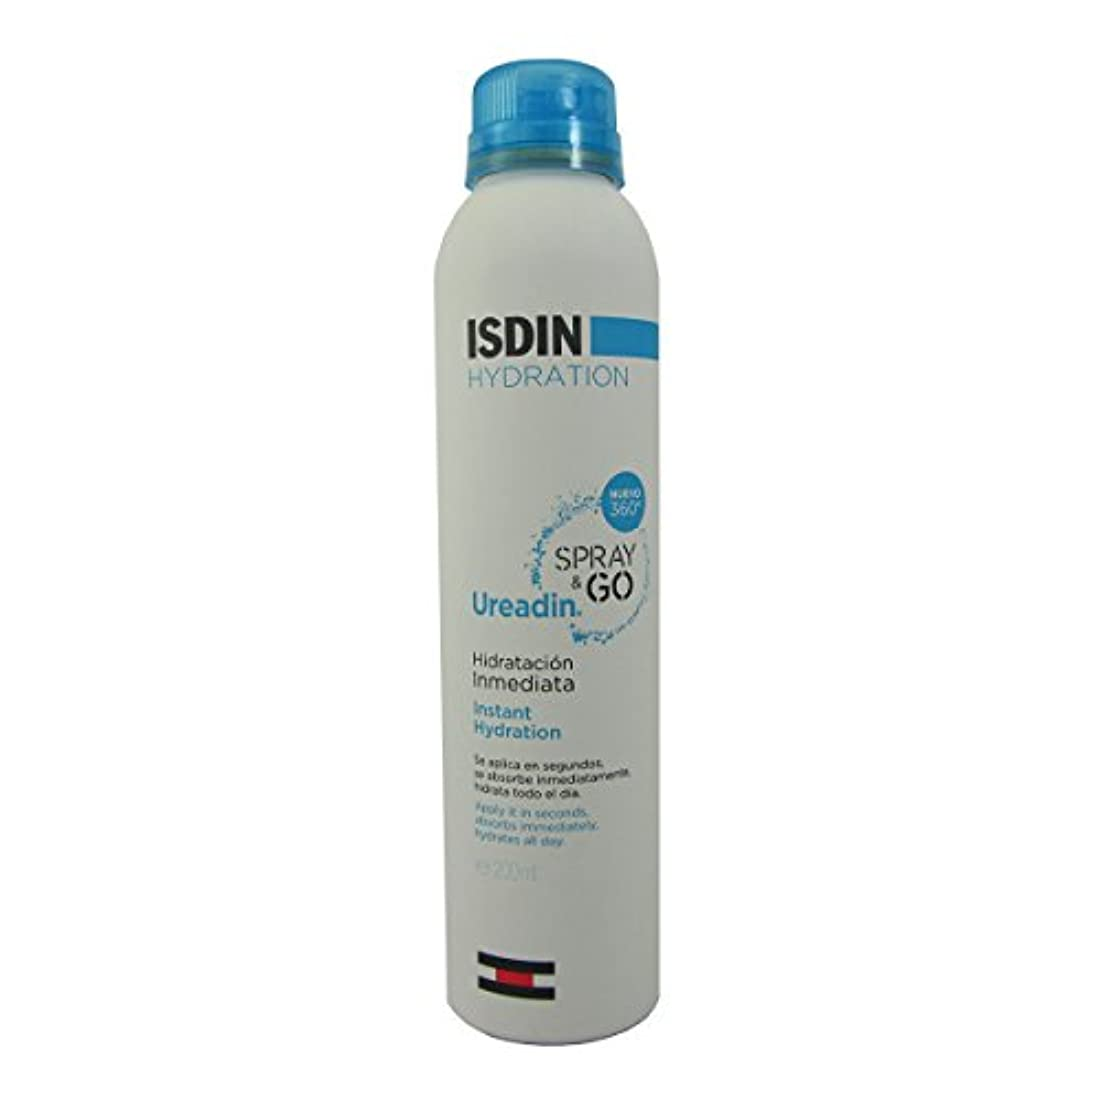 繁栄するブランデー住むUreadin Spray And Go Immediate Hydration 200ml [並行輸入品]